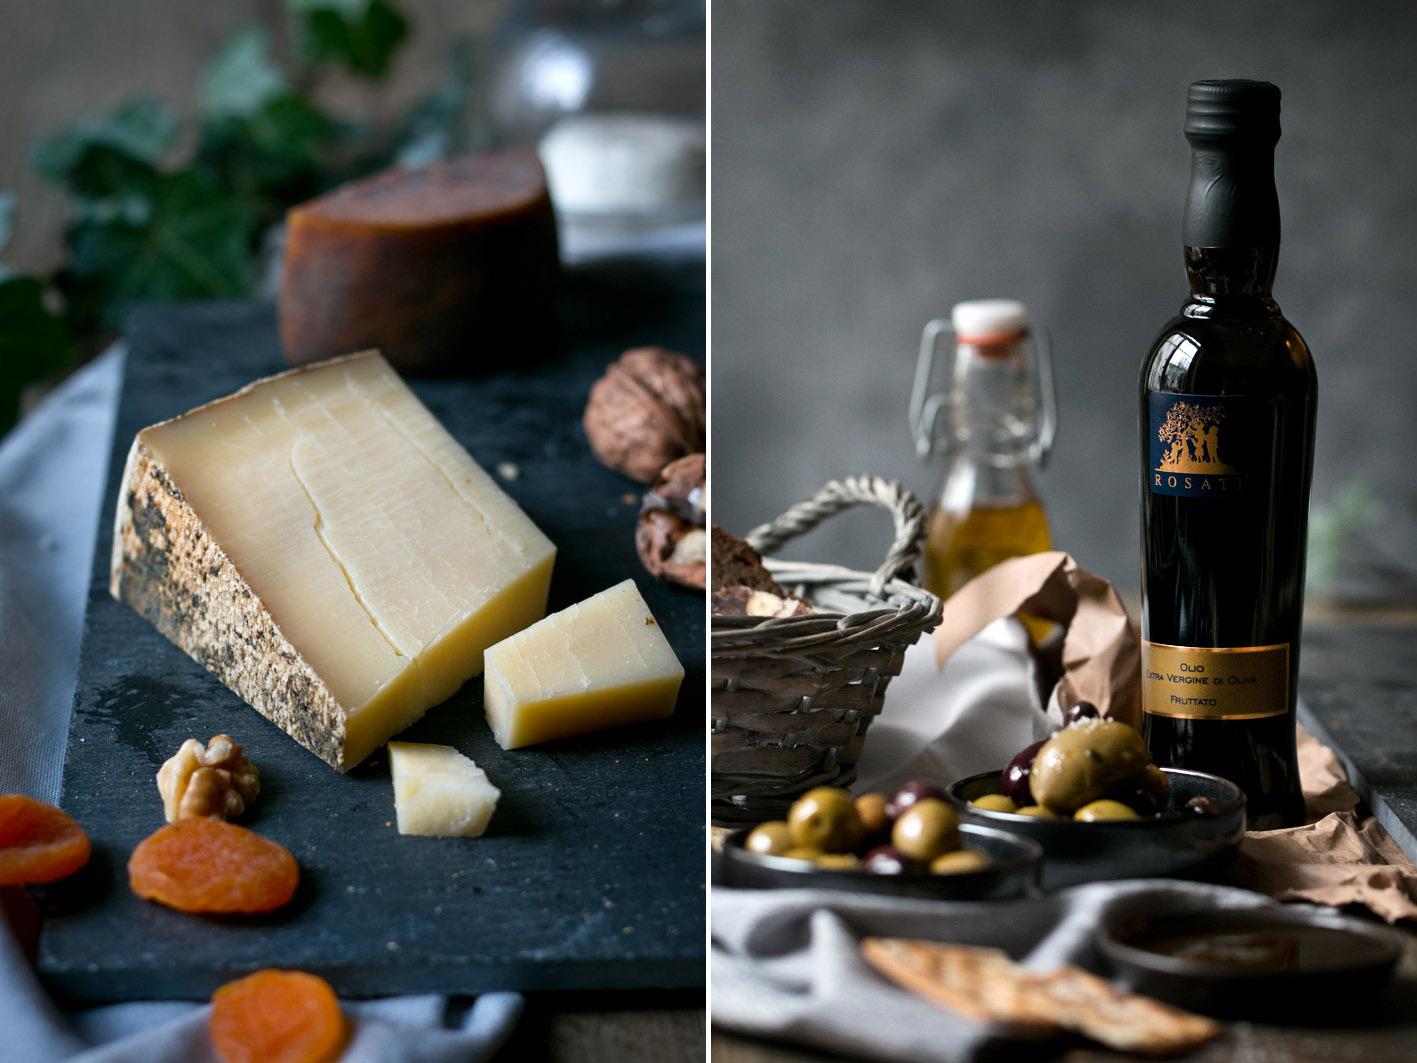 kaese-mit-olivenoel